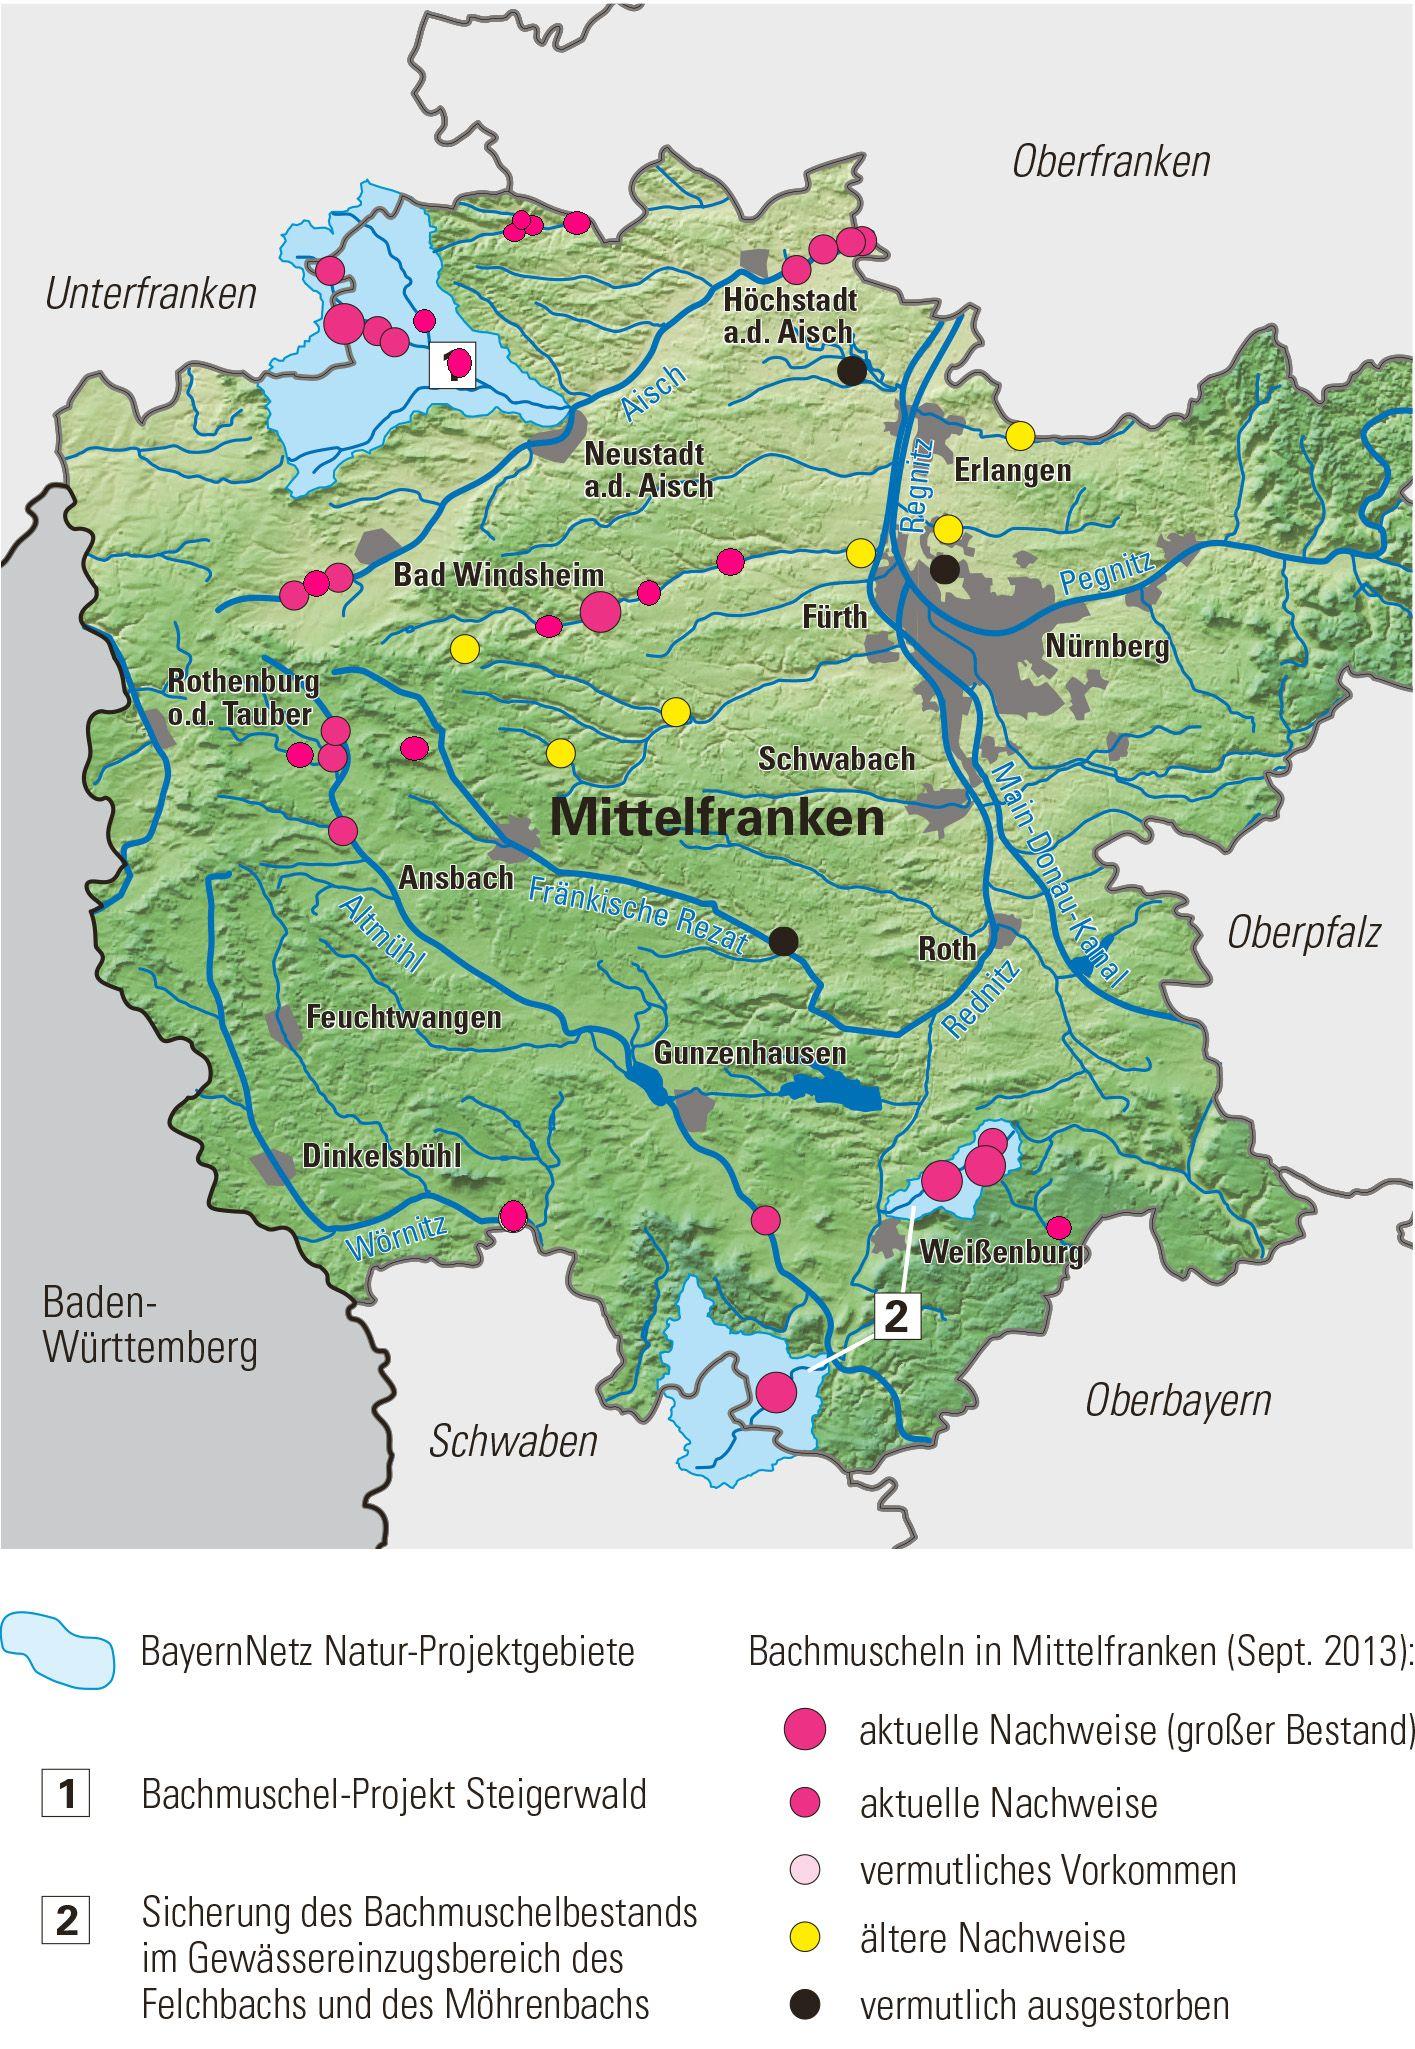 Mittelfranken Karte.Bachmuscheln In Mittelfranken Landschaftspflegeverband Mittelfranken